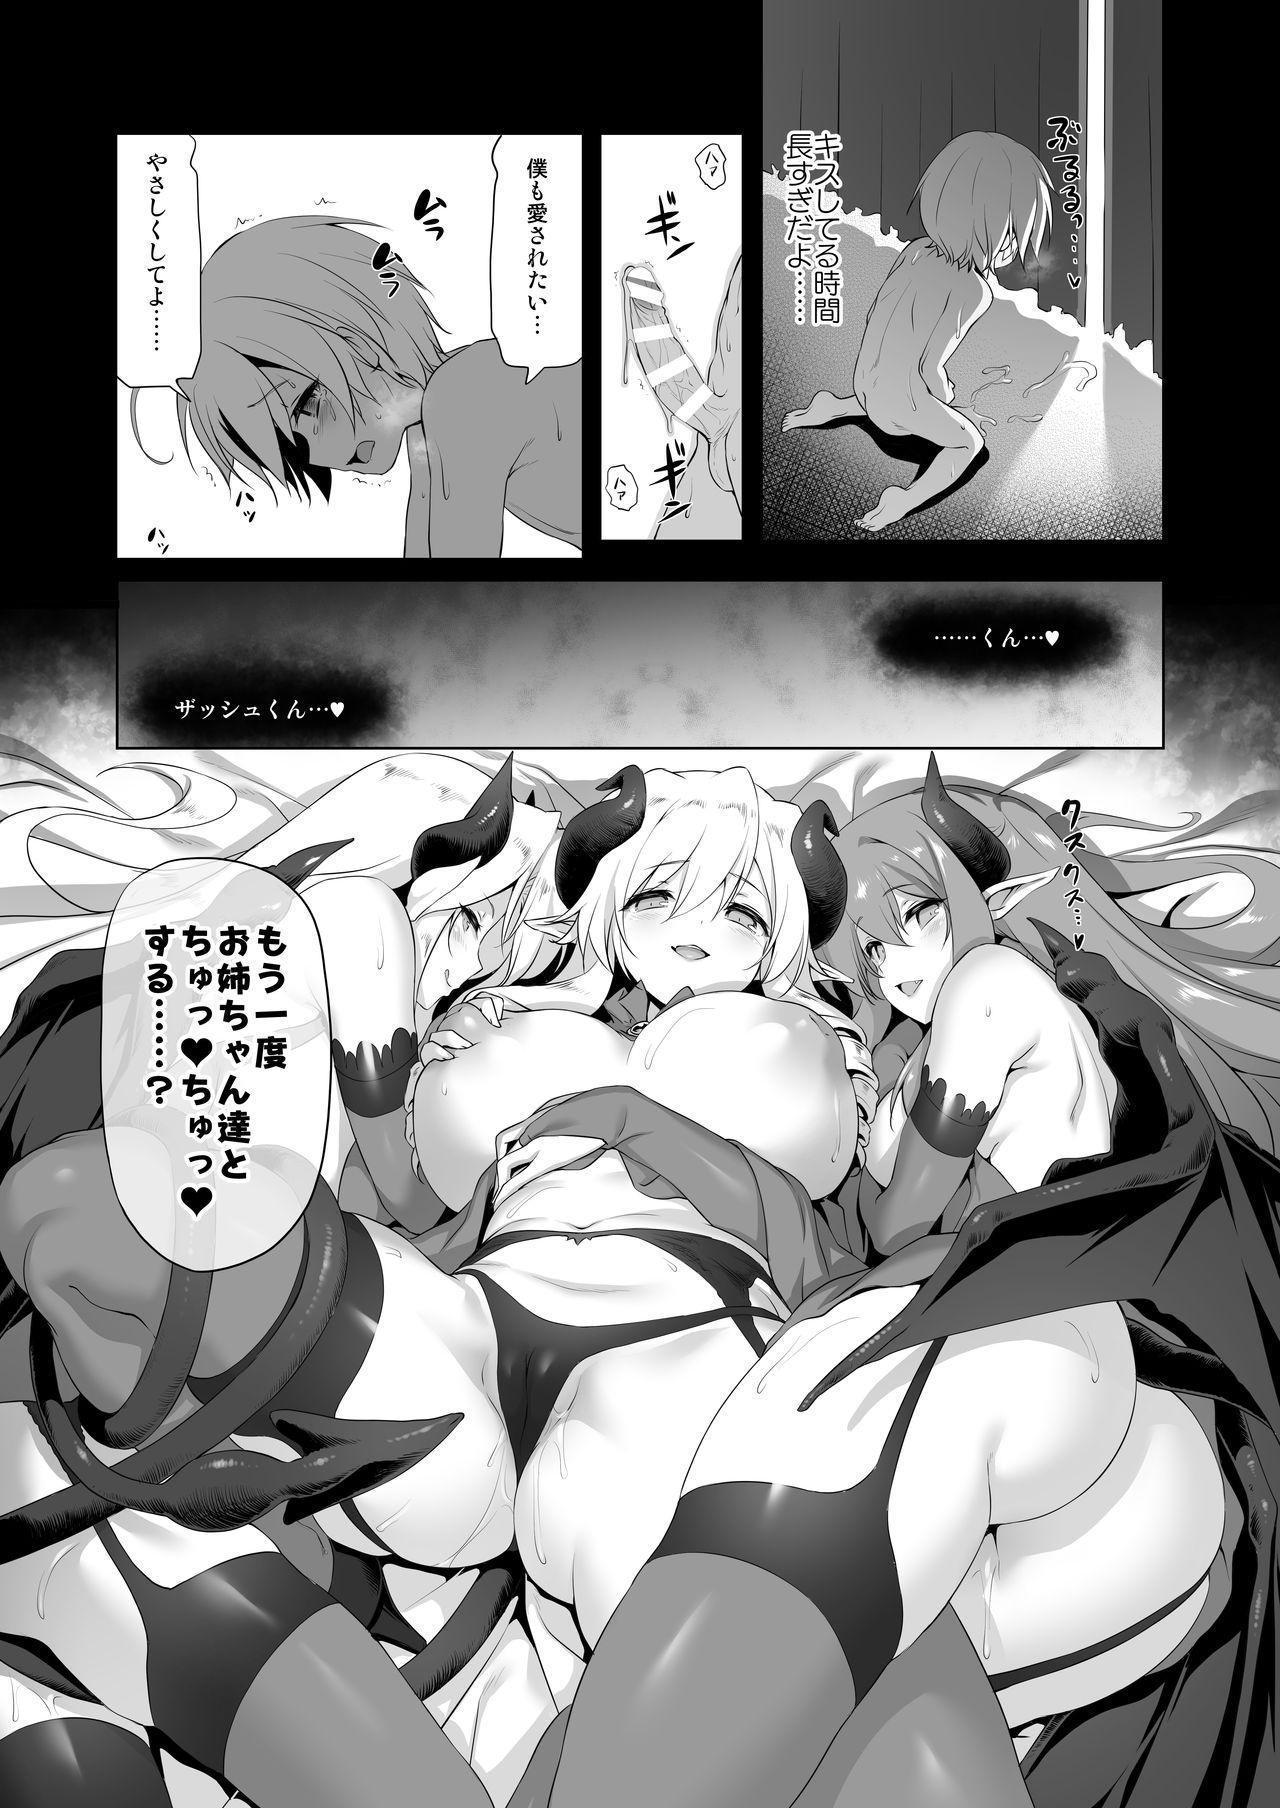 Makotoni Zannen desu ga Bouken no Sho 5 wa Kiete Shimaimashita. 23